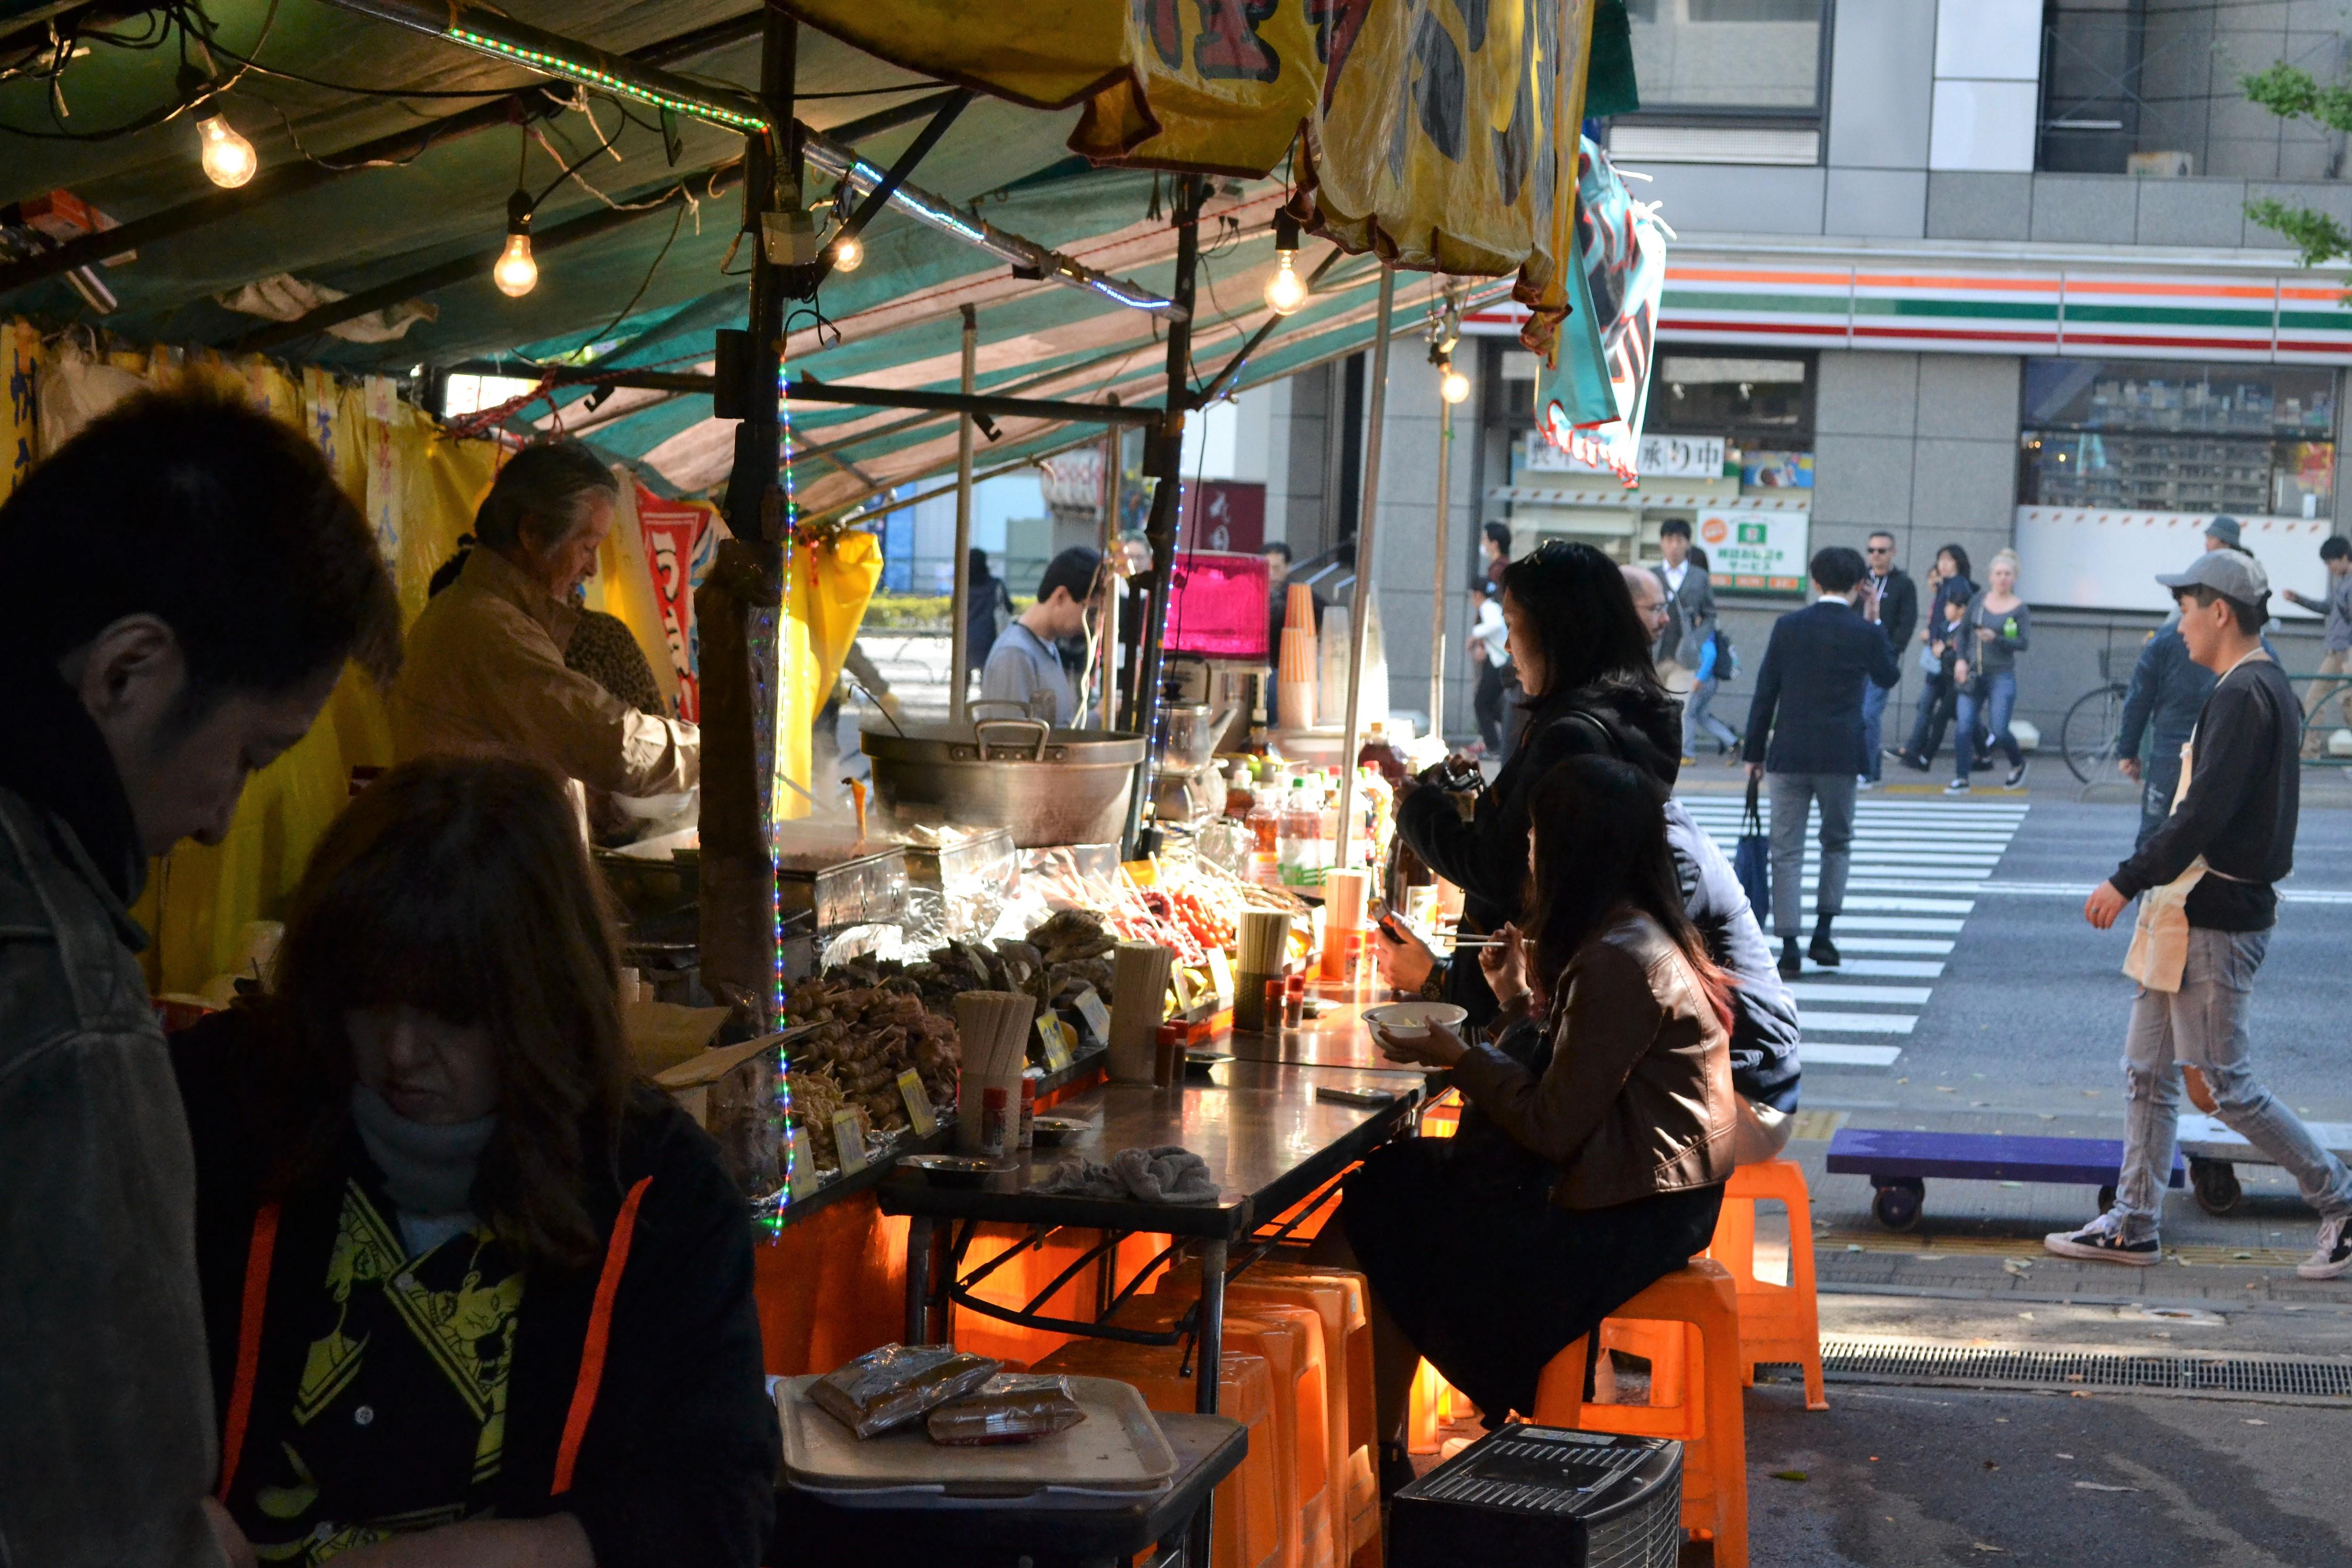 Utcai árus Ginza közepén